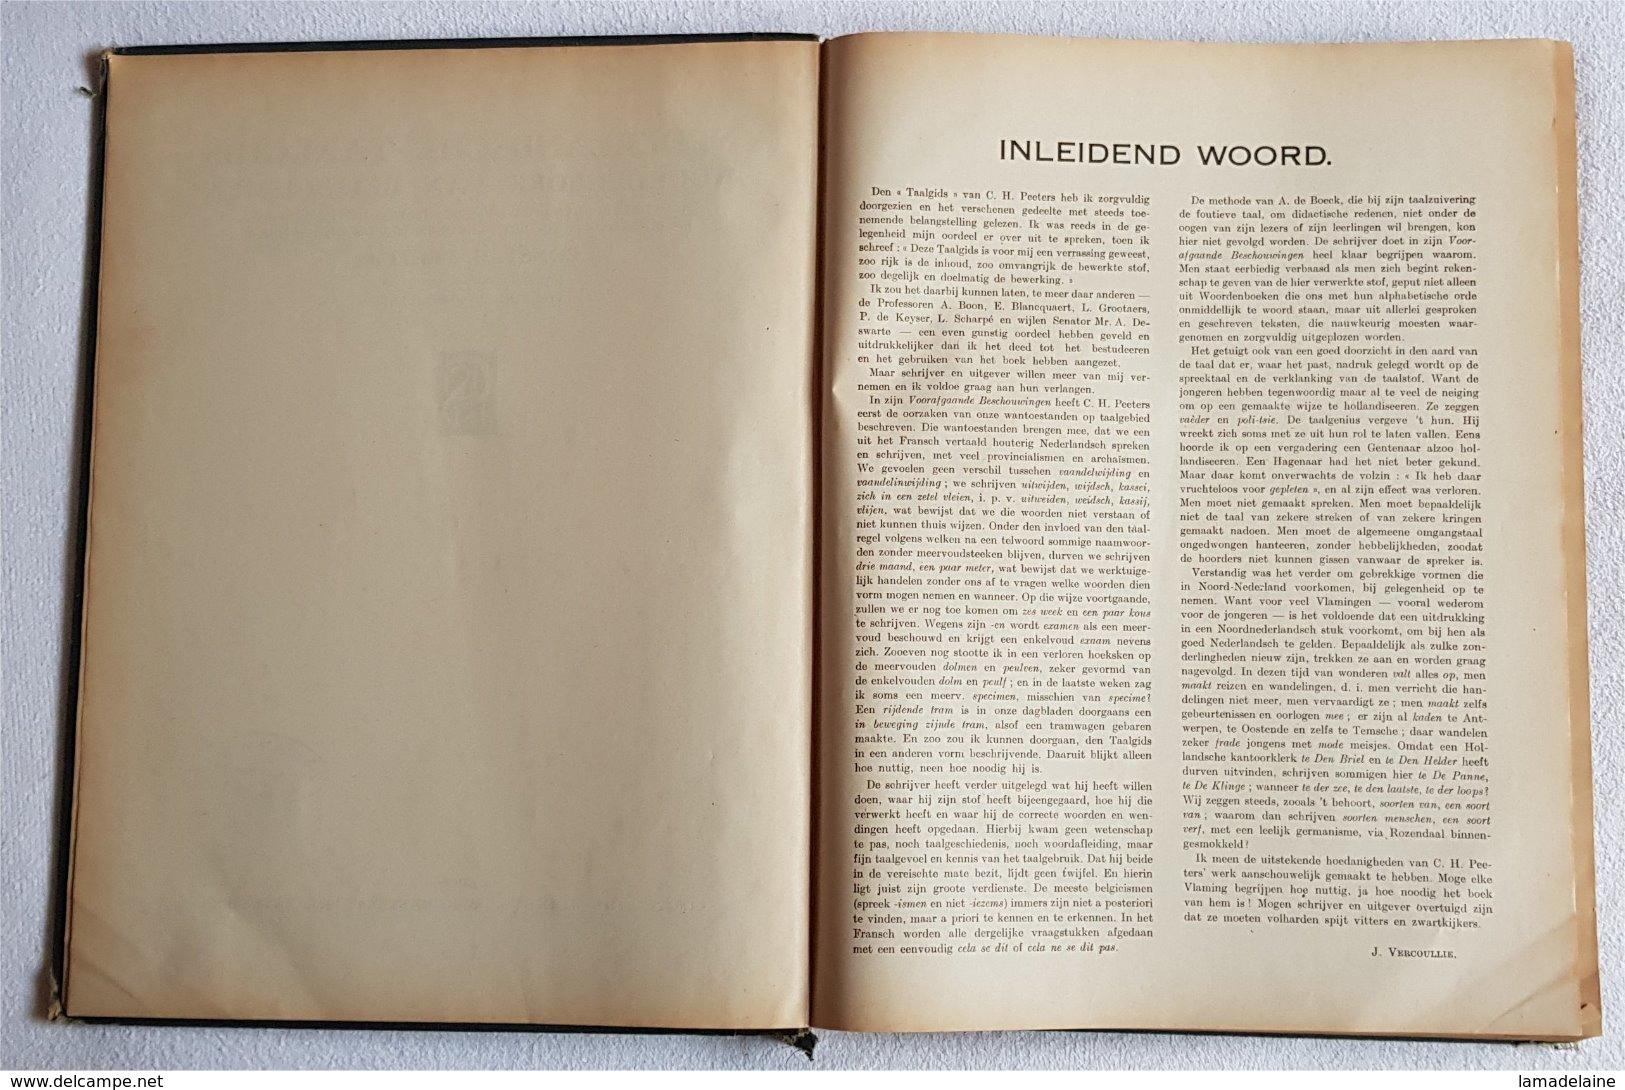 Nederlandsche Taalgids Woordenboek Van Belgicismen (Constant Hubert Peeters) (De Sikkel 1930) - Dictionaries